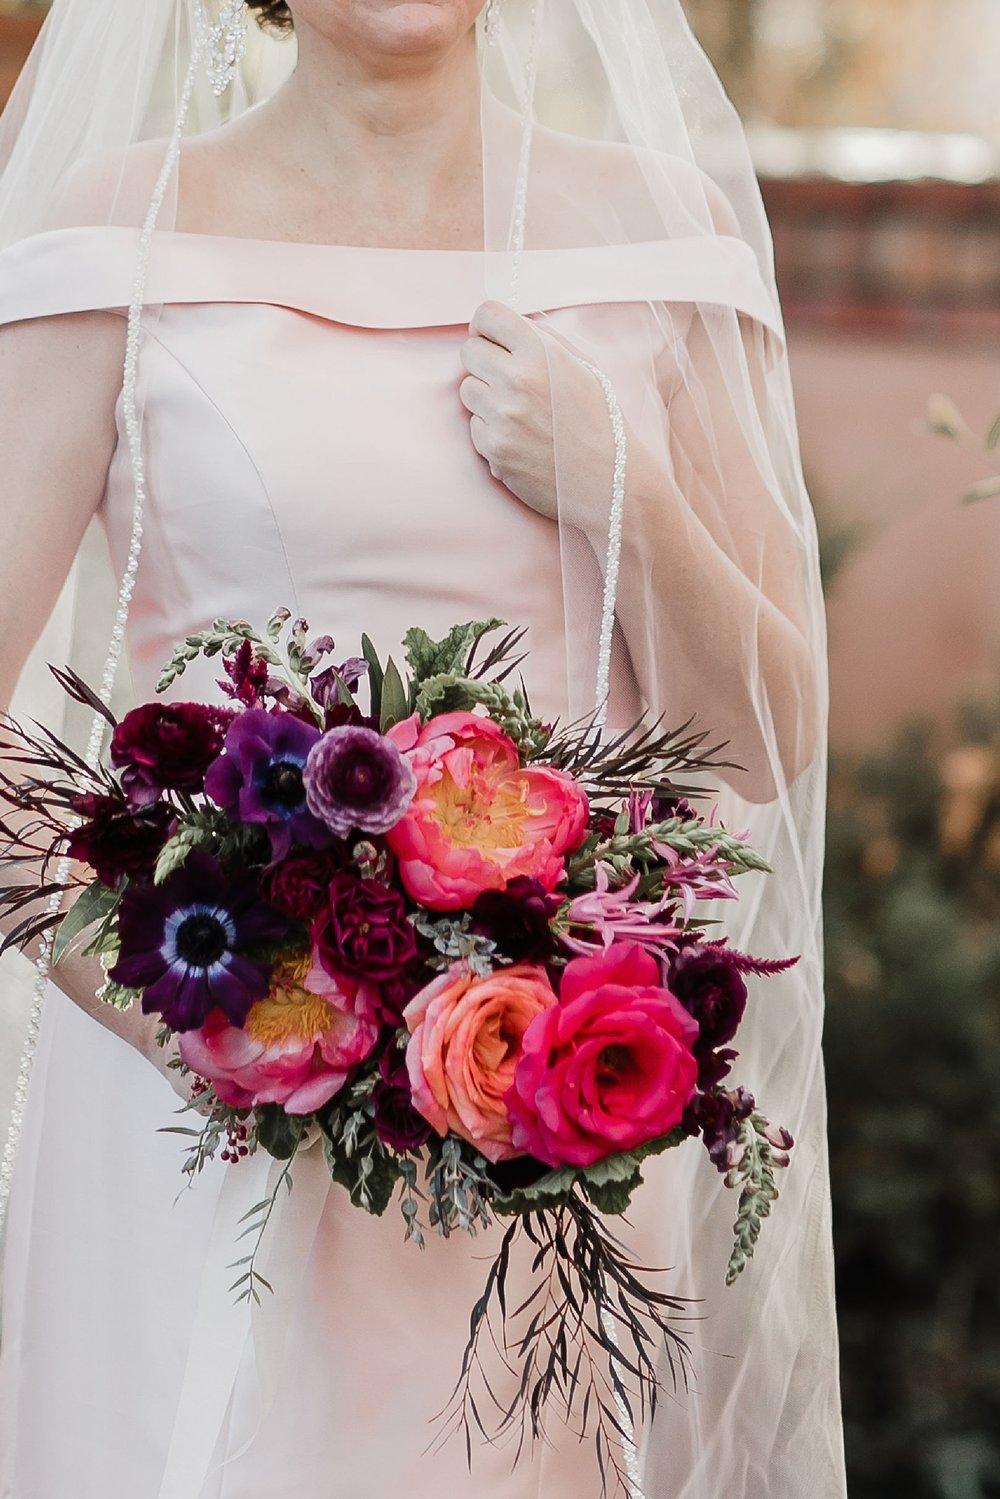 Alicia+lucia+photography+-+albuquerque+wedding+photographer+-+santa+fe+wedding+photography+-+new+mexico+wedding+photographer+-+new+mexico+wedding+-+santa+fe+wedding+-+albuquerque+wedding+-+wedding+florist+-+new+mexico+wedding+florist_0001.jpg